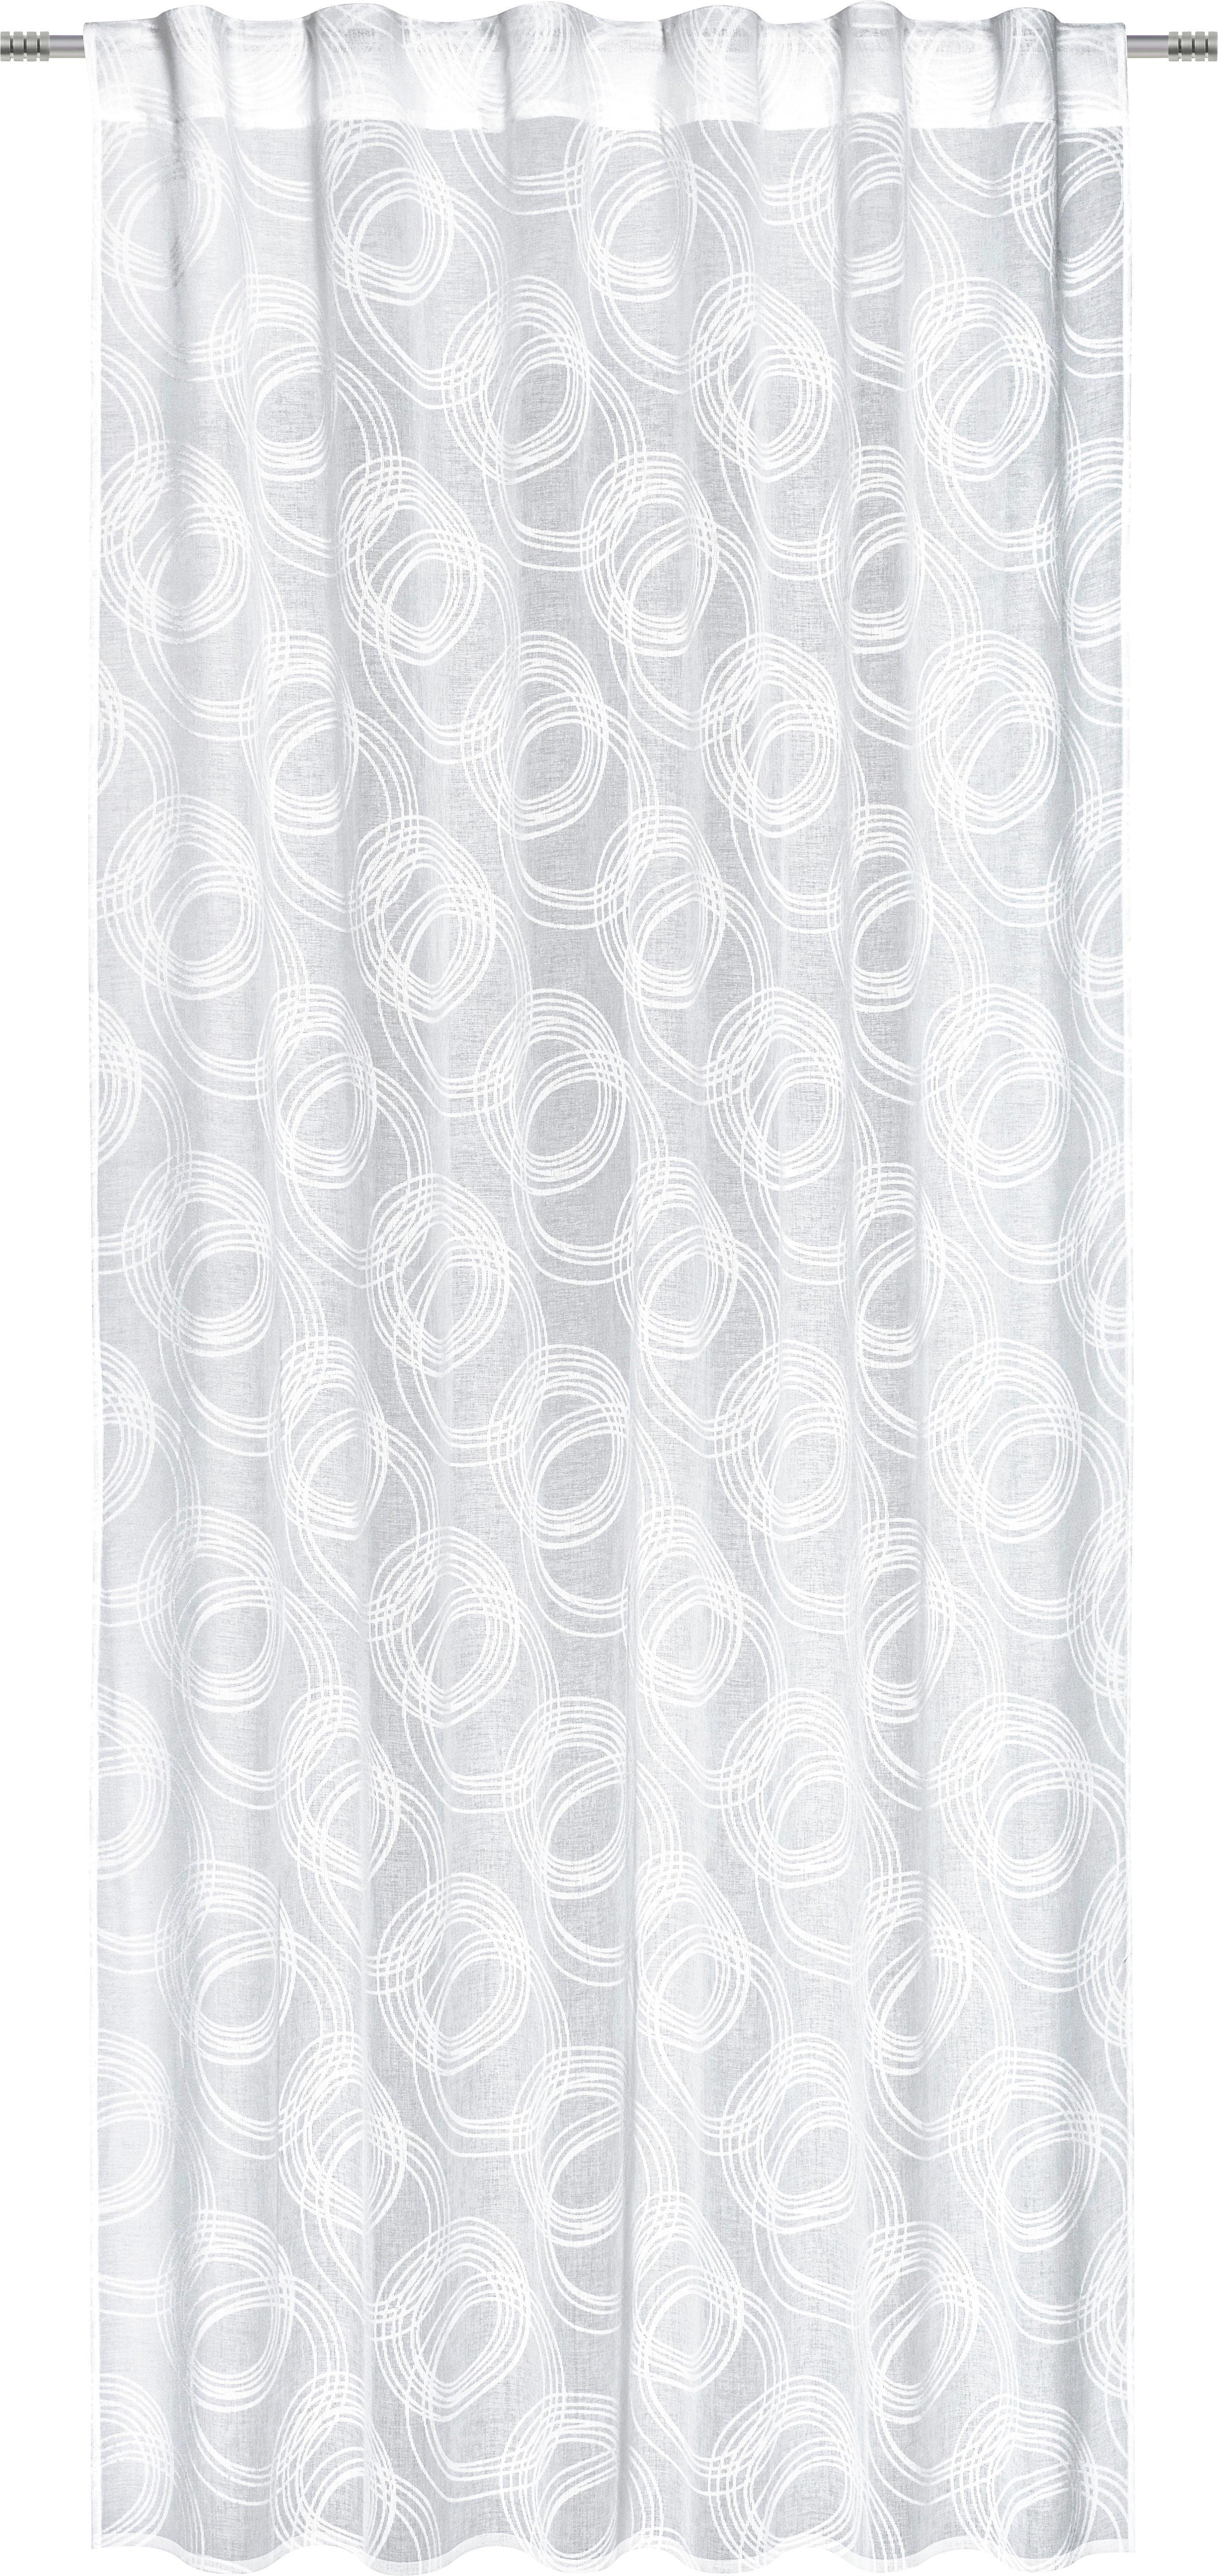 Készfüggöny Curve - fehér, konvencionális, textil (140/245cm) - MÖMAX modern living